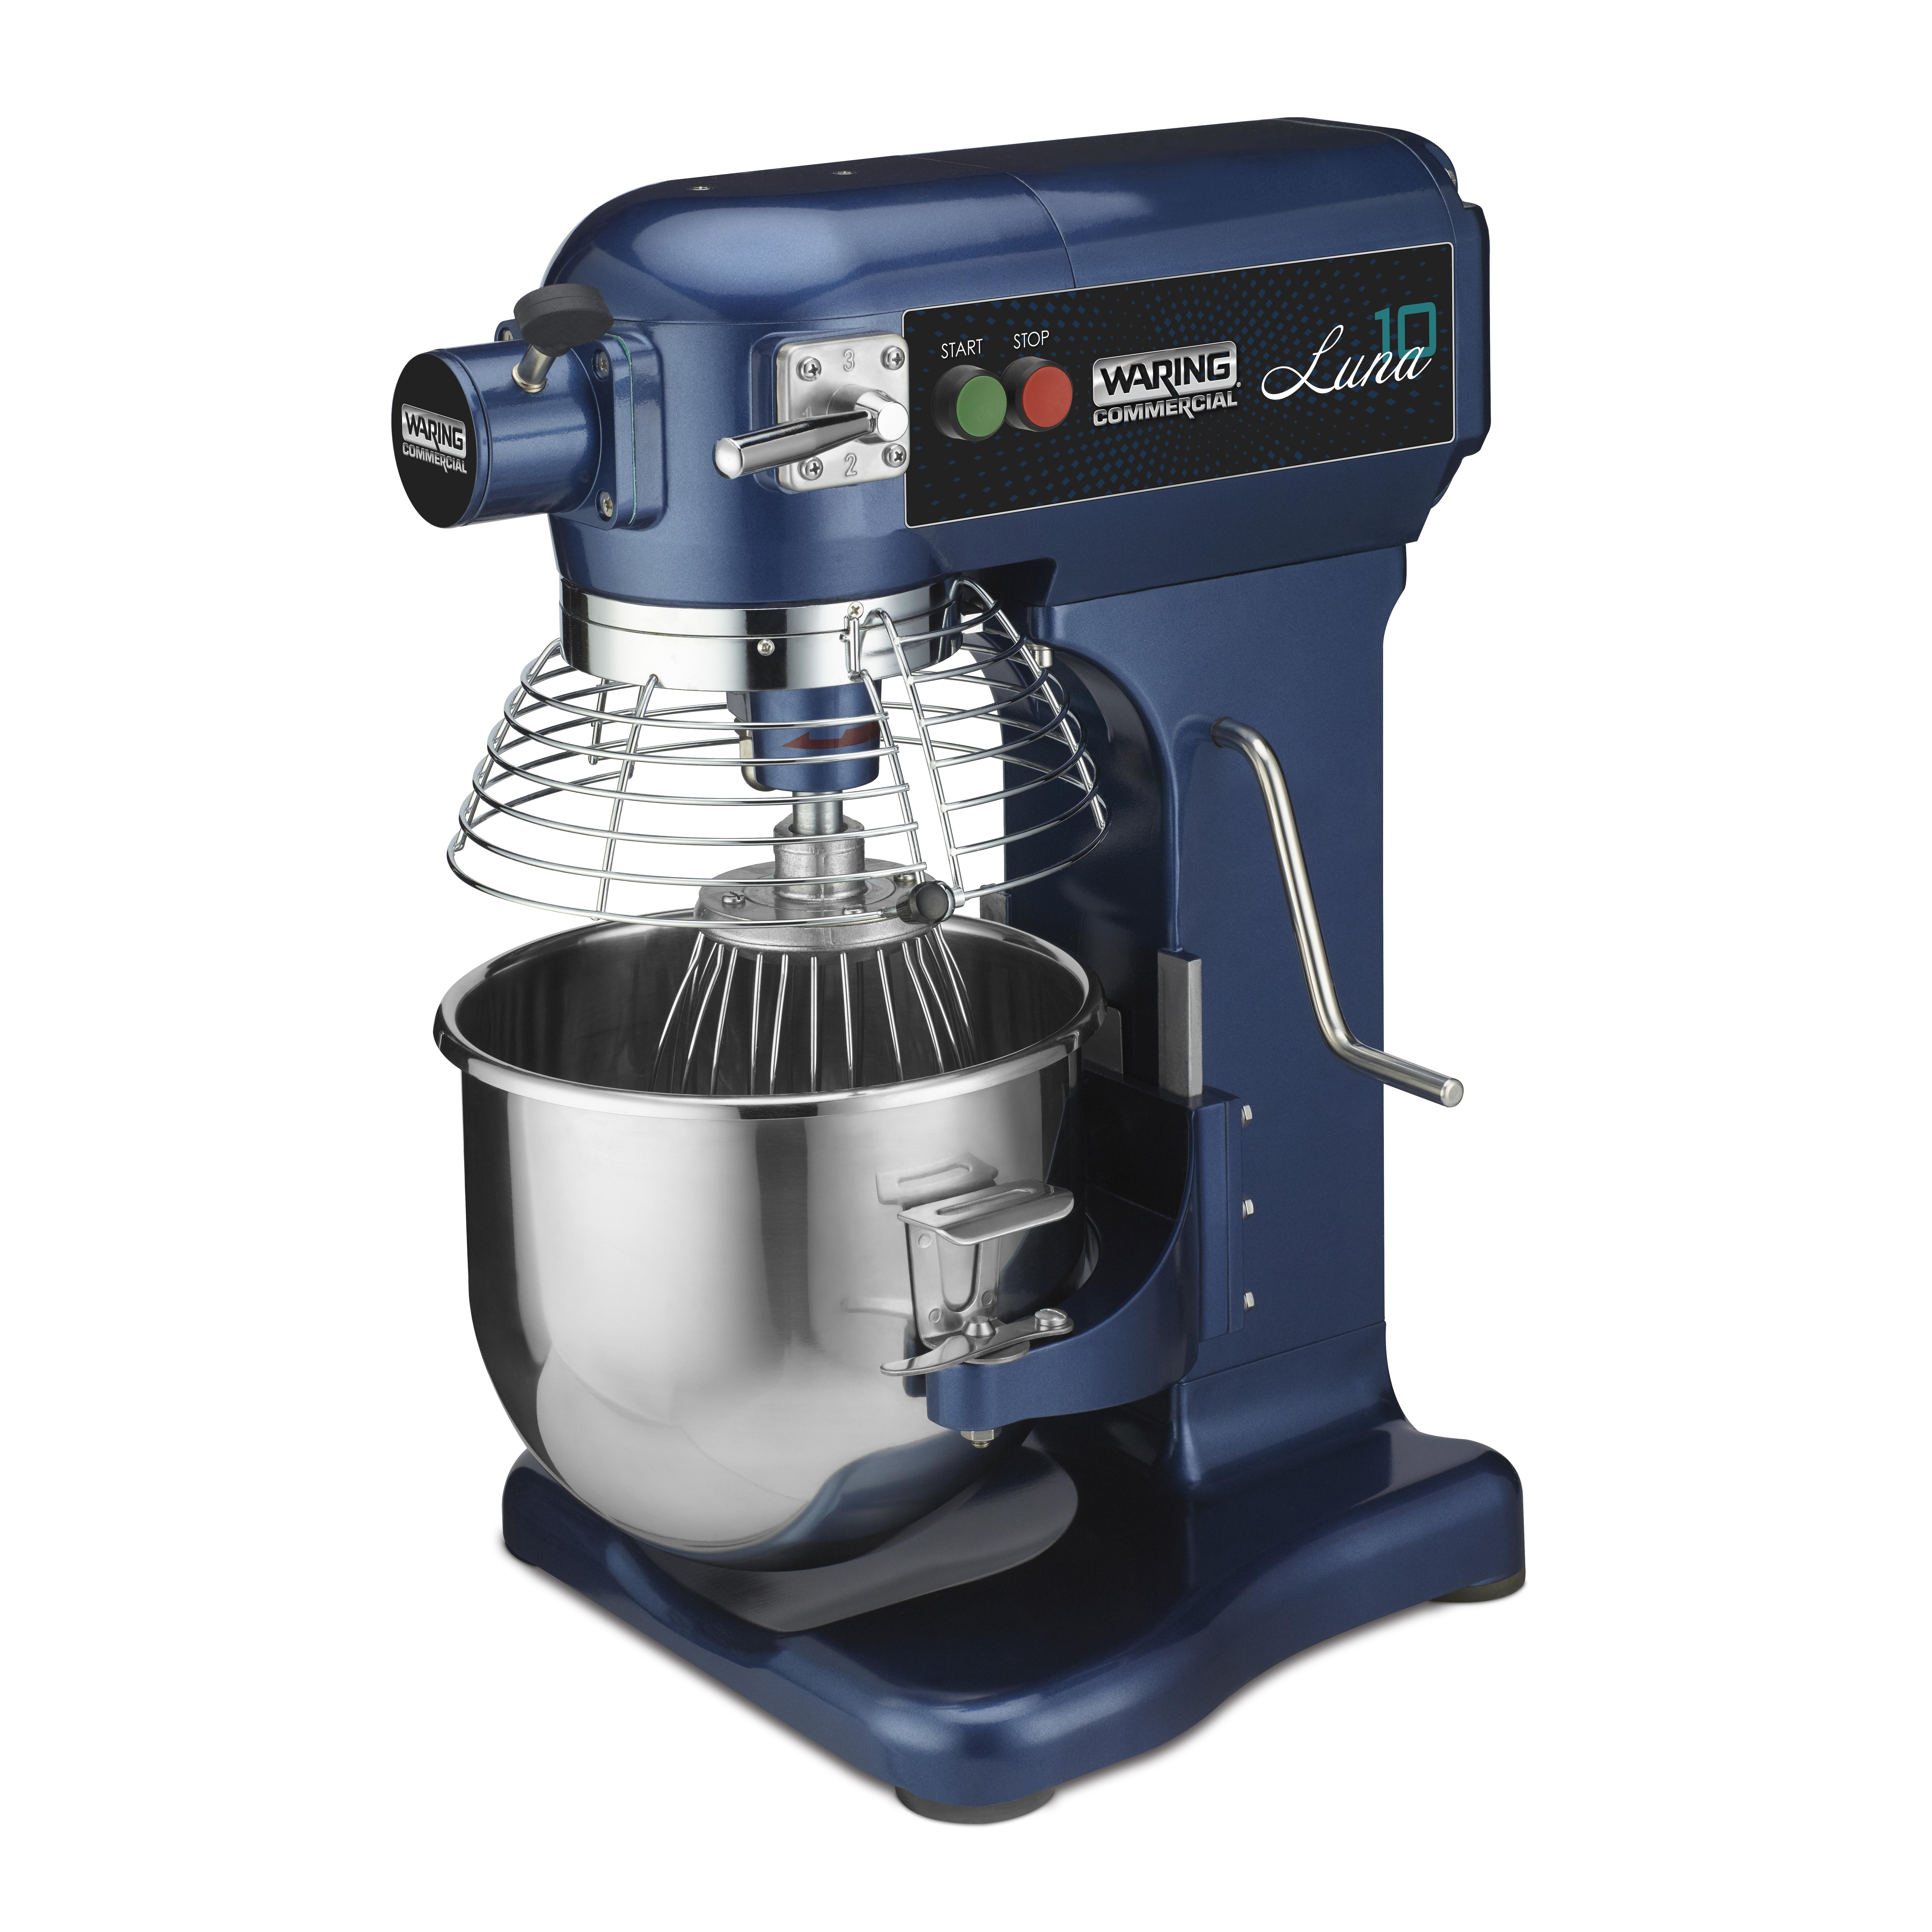 Waring WSM10L mixer, planetary